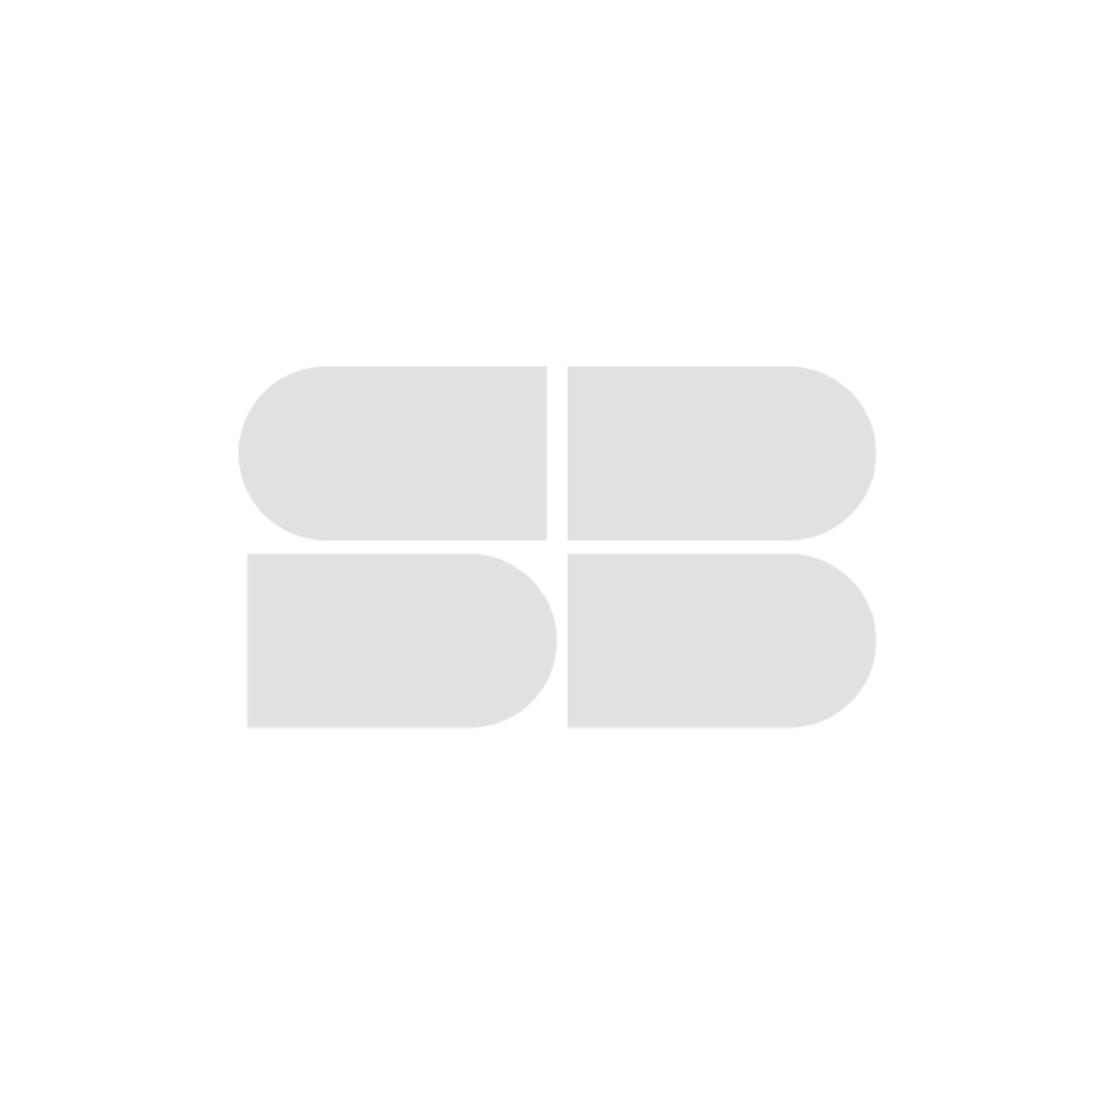 ที่นอนปรับระดับ LADY AMERICANA รุ่น SMART ADJUSTABLE ขนาด 6 ฟุต แถมฟรี ชุดเครื่องนอนและผลิตภัณฑ์บรรจุใย 11 ชิ้น-00